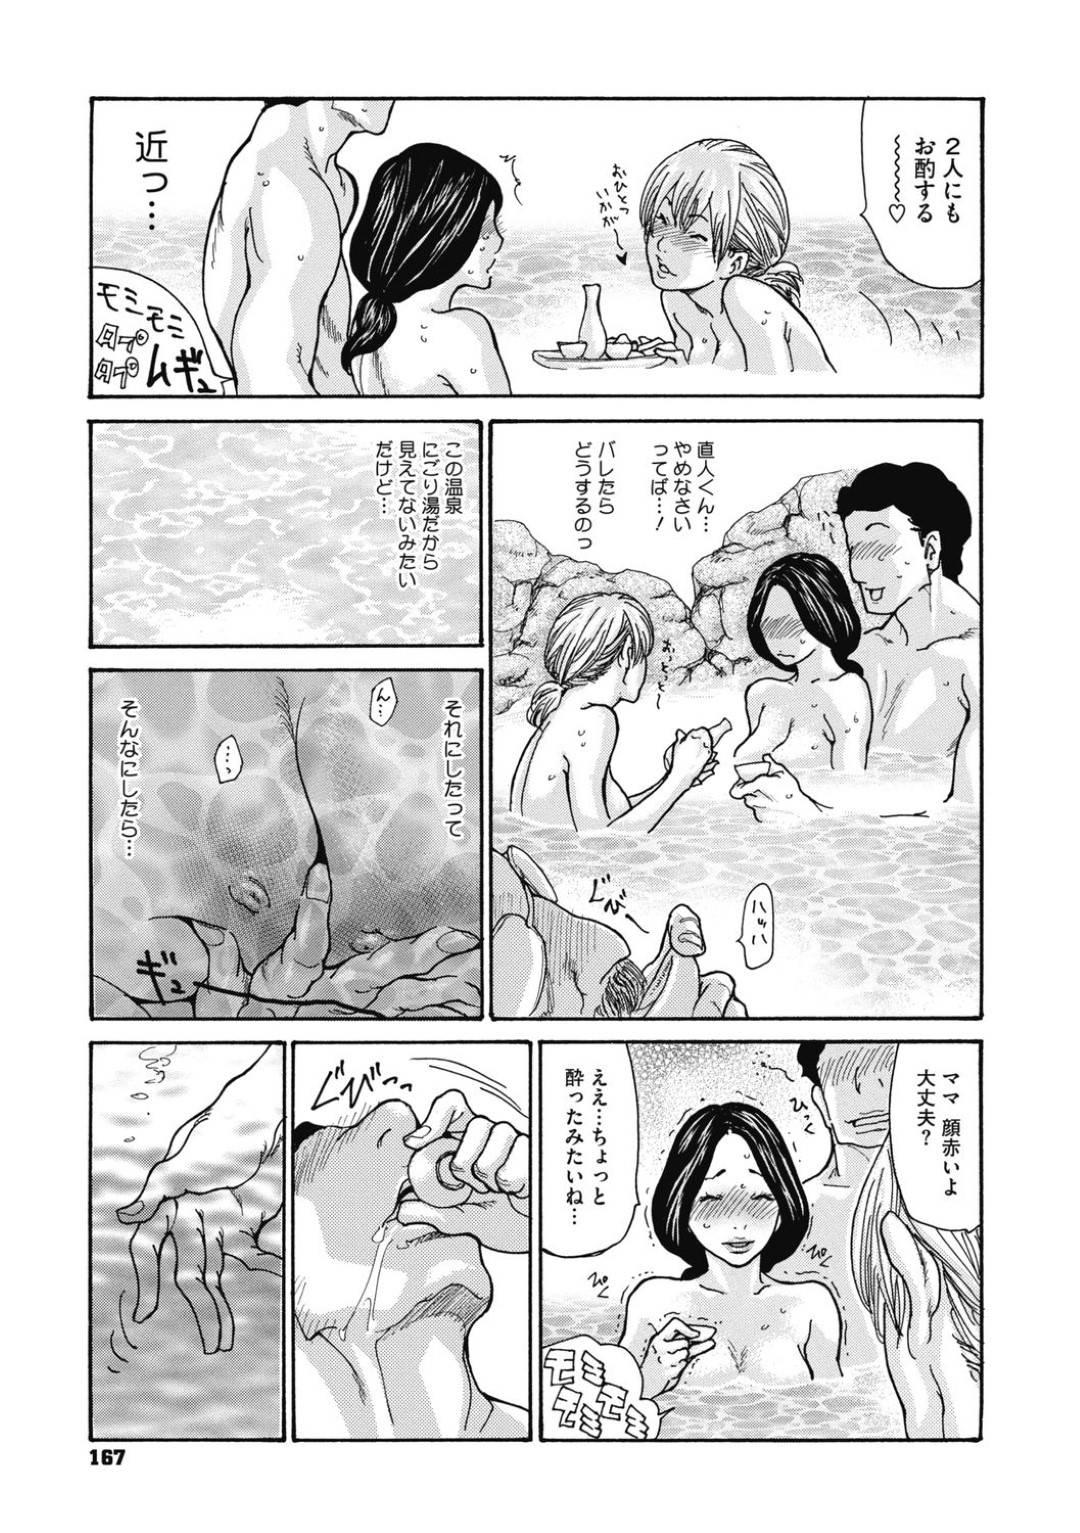 【エロ漫画】娘夫婦との温泉旅行に行く母は、混浴で娘の旦那がお風呂の中で責めてきて、娘の目を盗んではバックで挿入したり二人だけの不倫セックスが辞められない